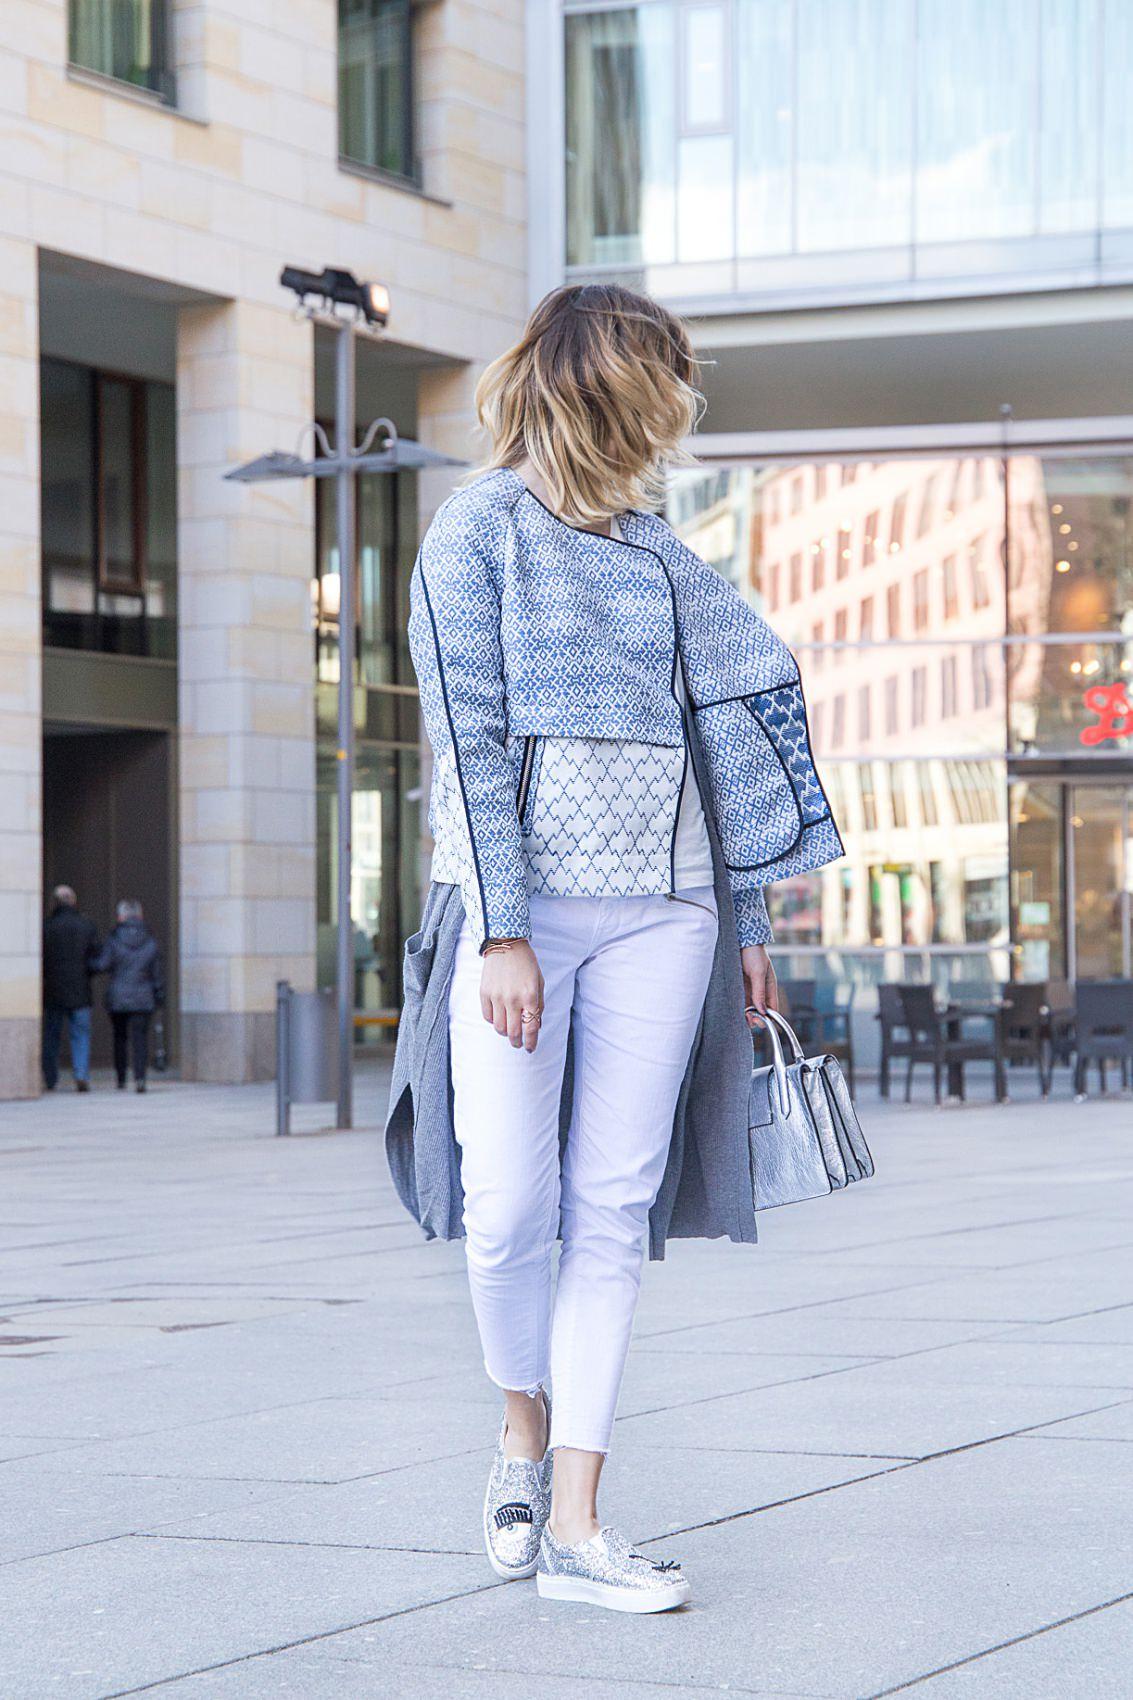 Fashion Look in Dresden mit Chiara Ferragni Loafers, weißer Slim Jeans von Superdry, Bomberjacke von Tom Tailor, silberner Handtasche von Coccinelle und Schmuck von Pilgrim. Des Belles Choses, Fashion Blog Köln